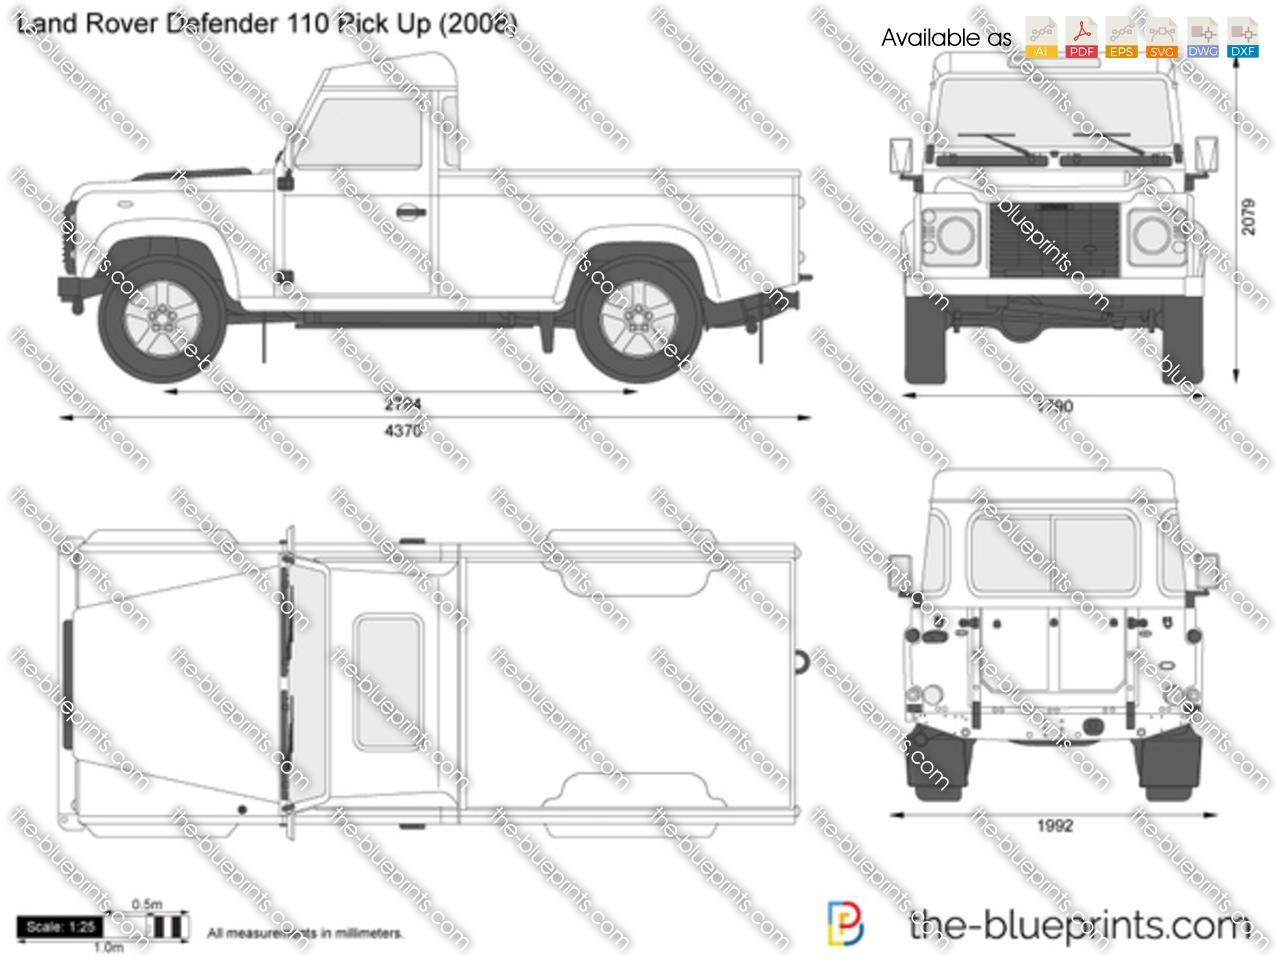 Land Rover Defender 110 Pick Up 2004